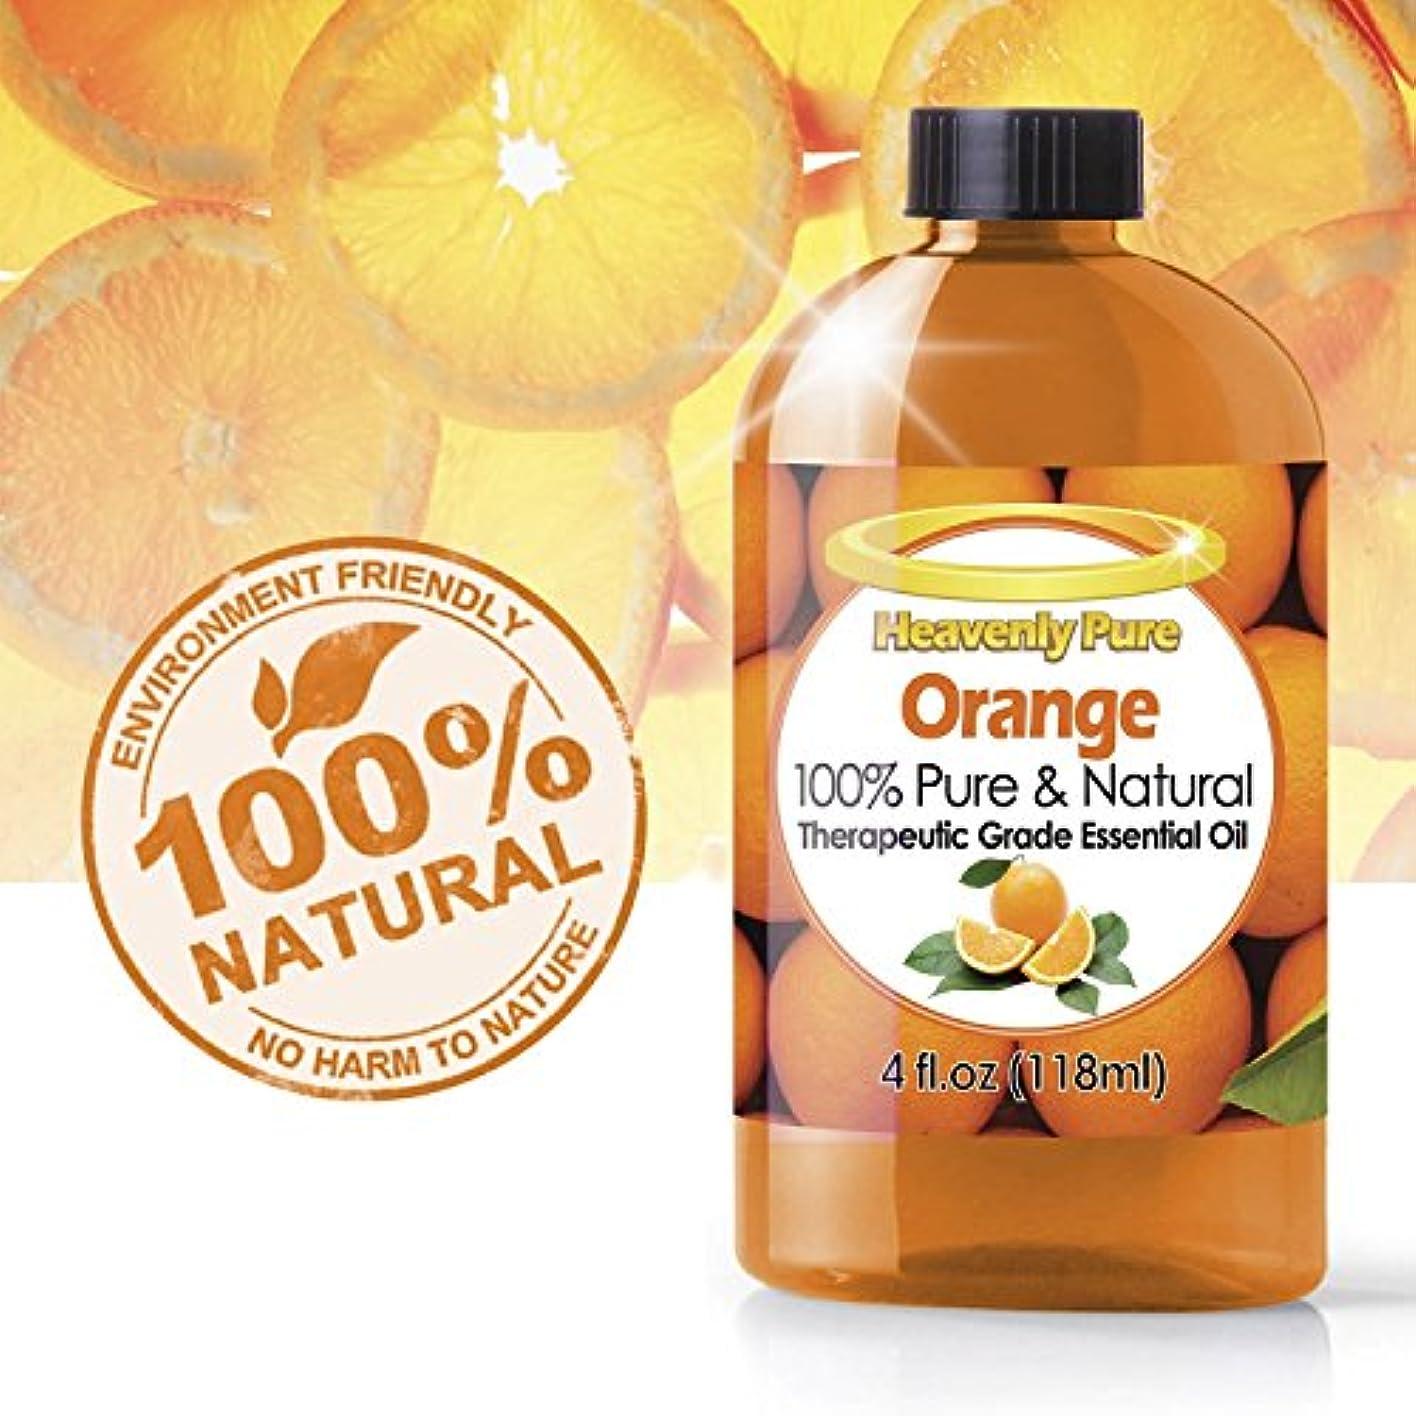 地上で親指従順オレンジエッセンシャルオイル(HUGE 4 OZ)アイドロップ剤 - 100%ピュア&ナチュラルスイートシトラスアロマ - 治療グレード - オレンジオイルはアロマセラピー、イミュニティ、天然抗菌、および洗浄に最適です